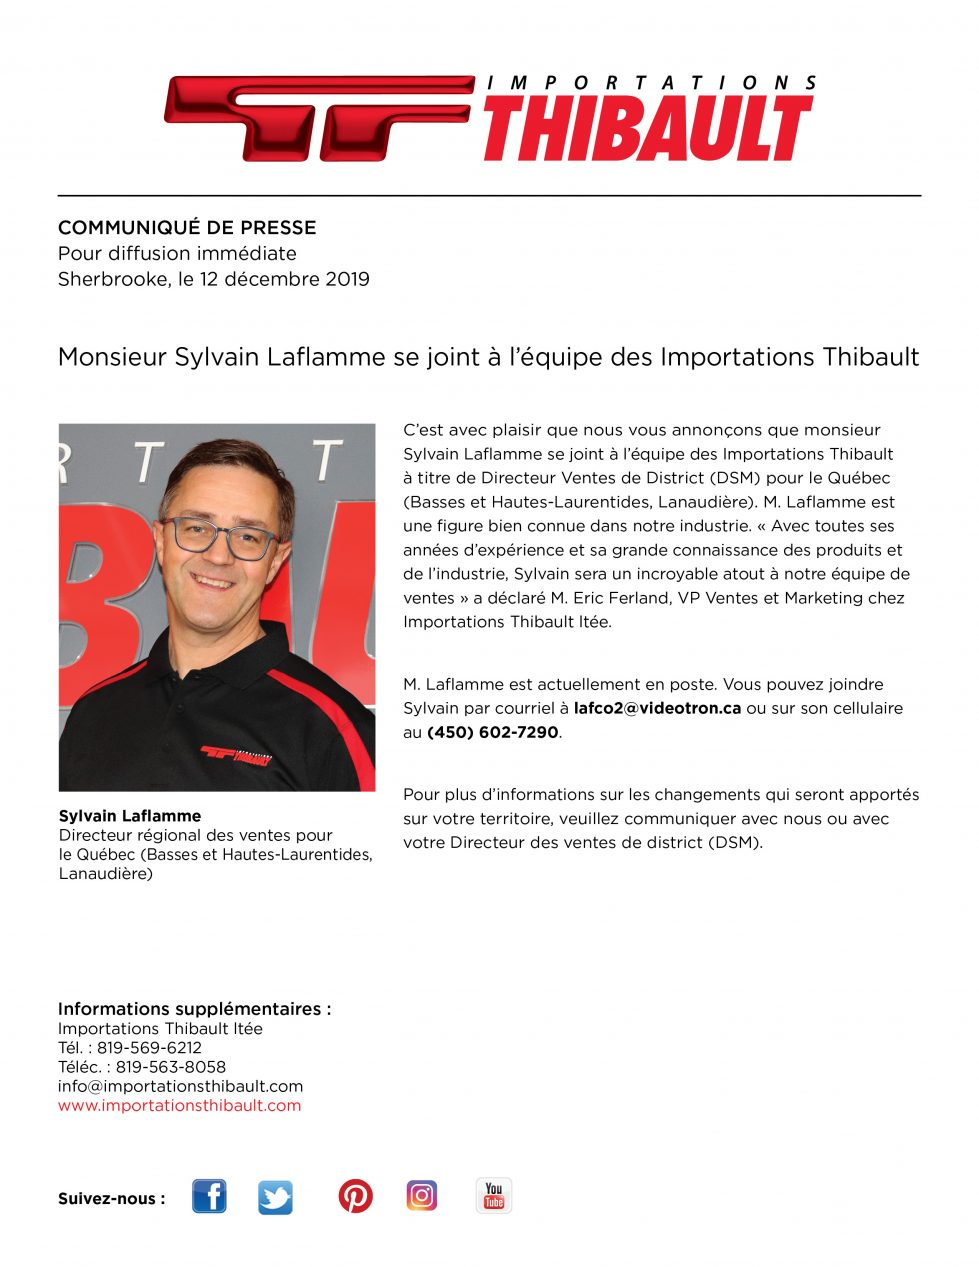 Monsieur Sylvain Laflamme se joint à l'équipe d'Importations Thibault.